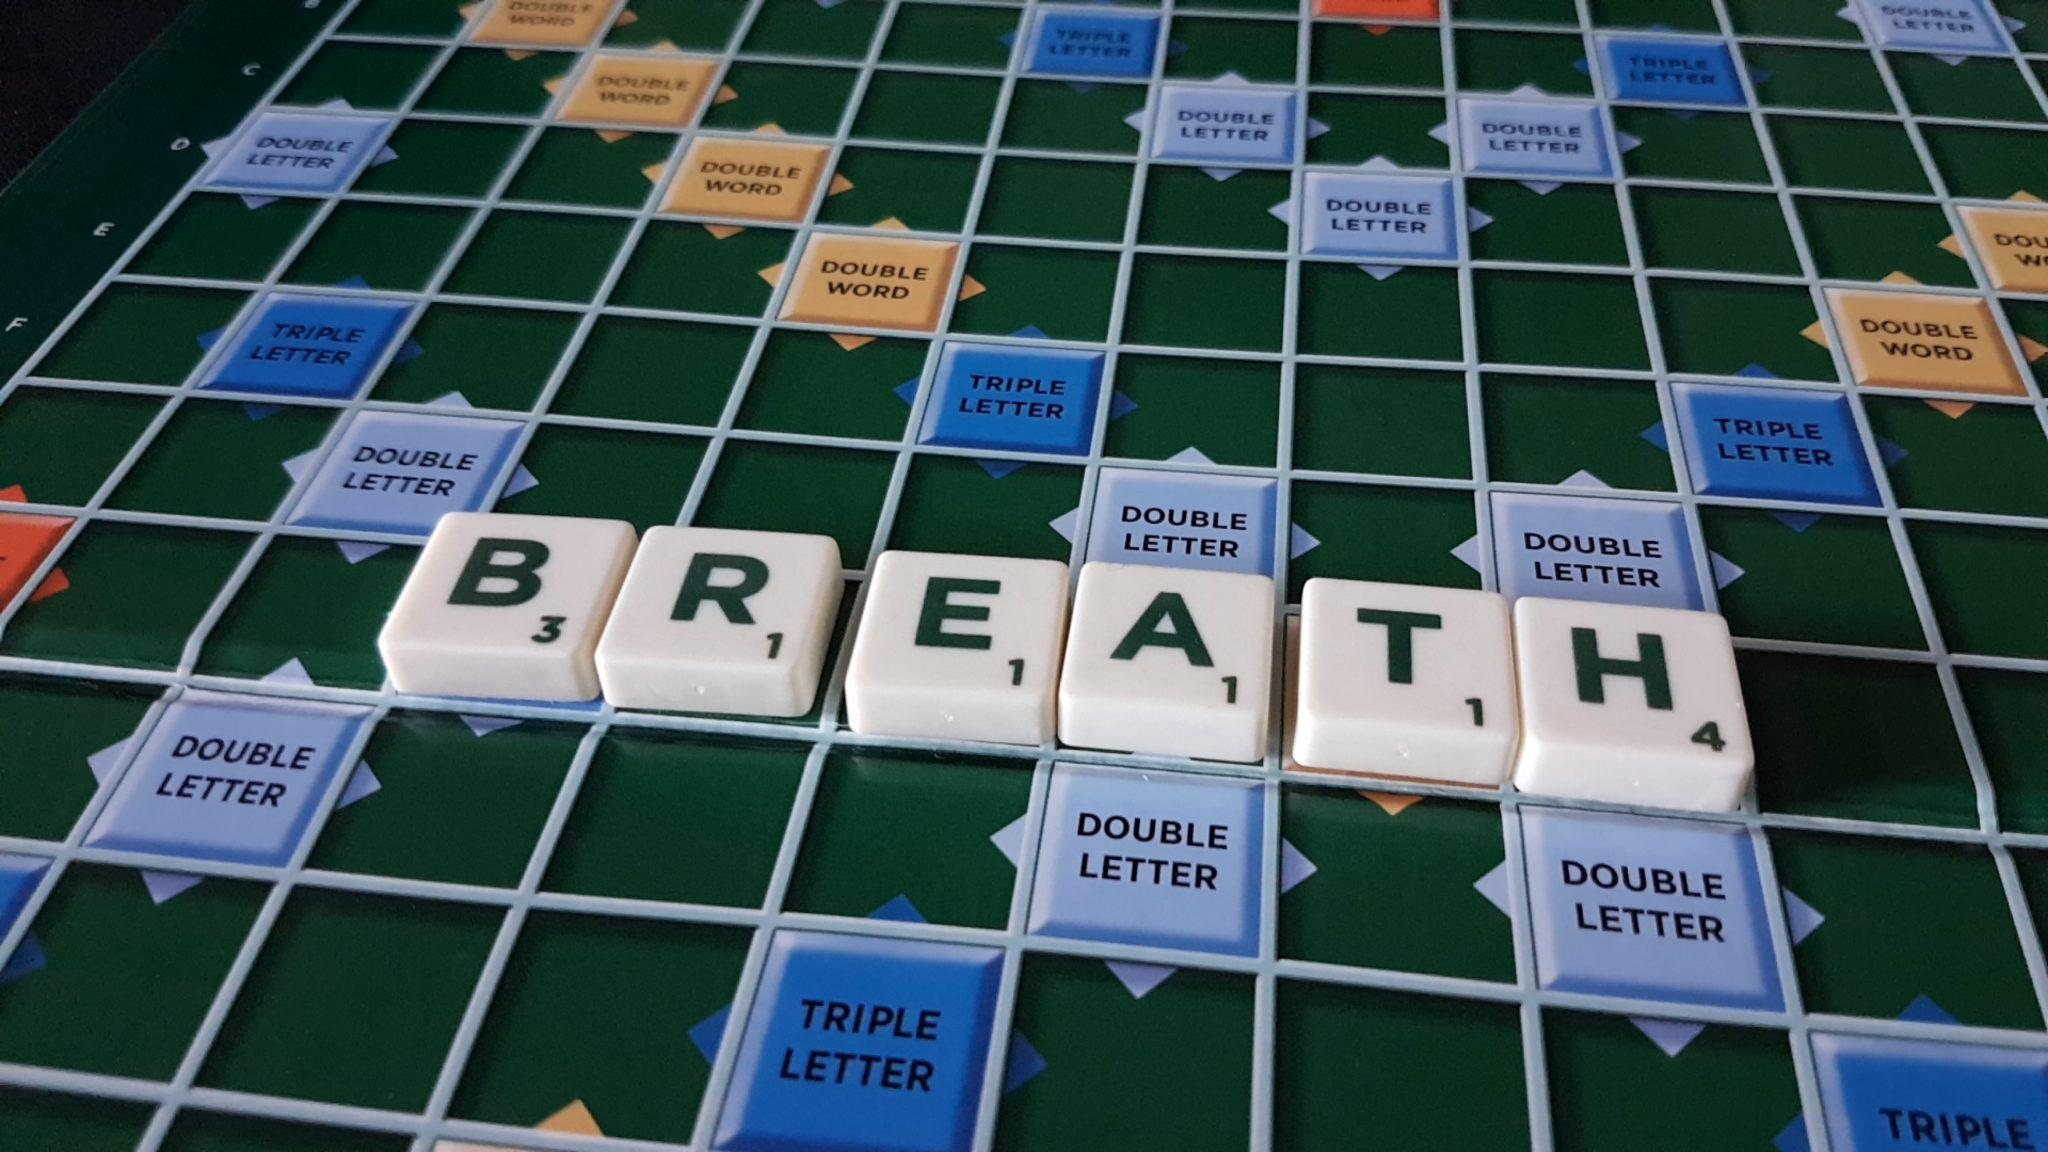 Playing breath